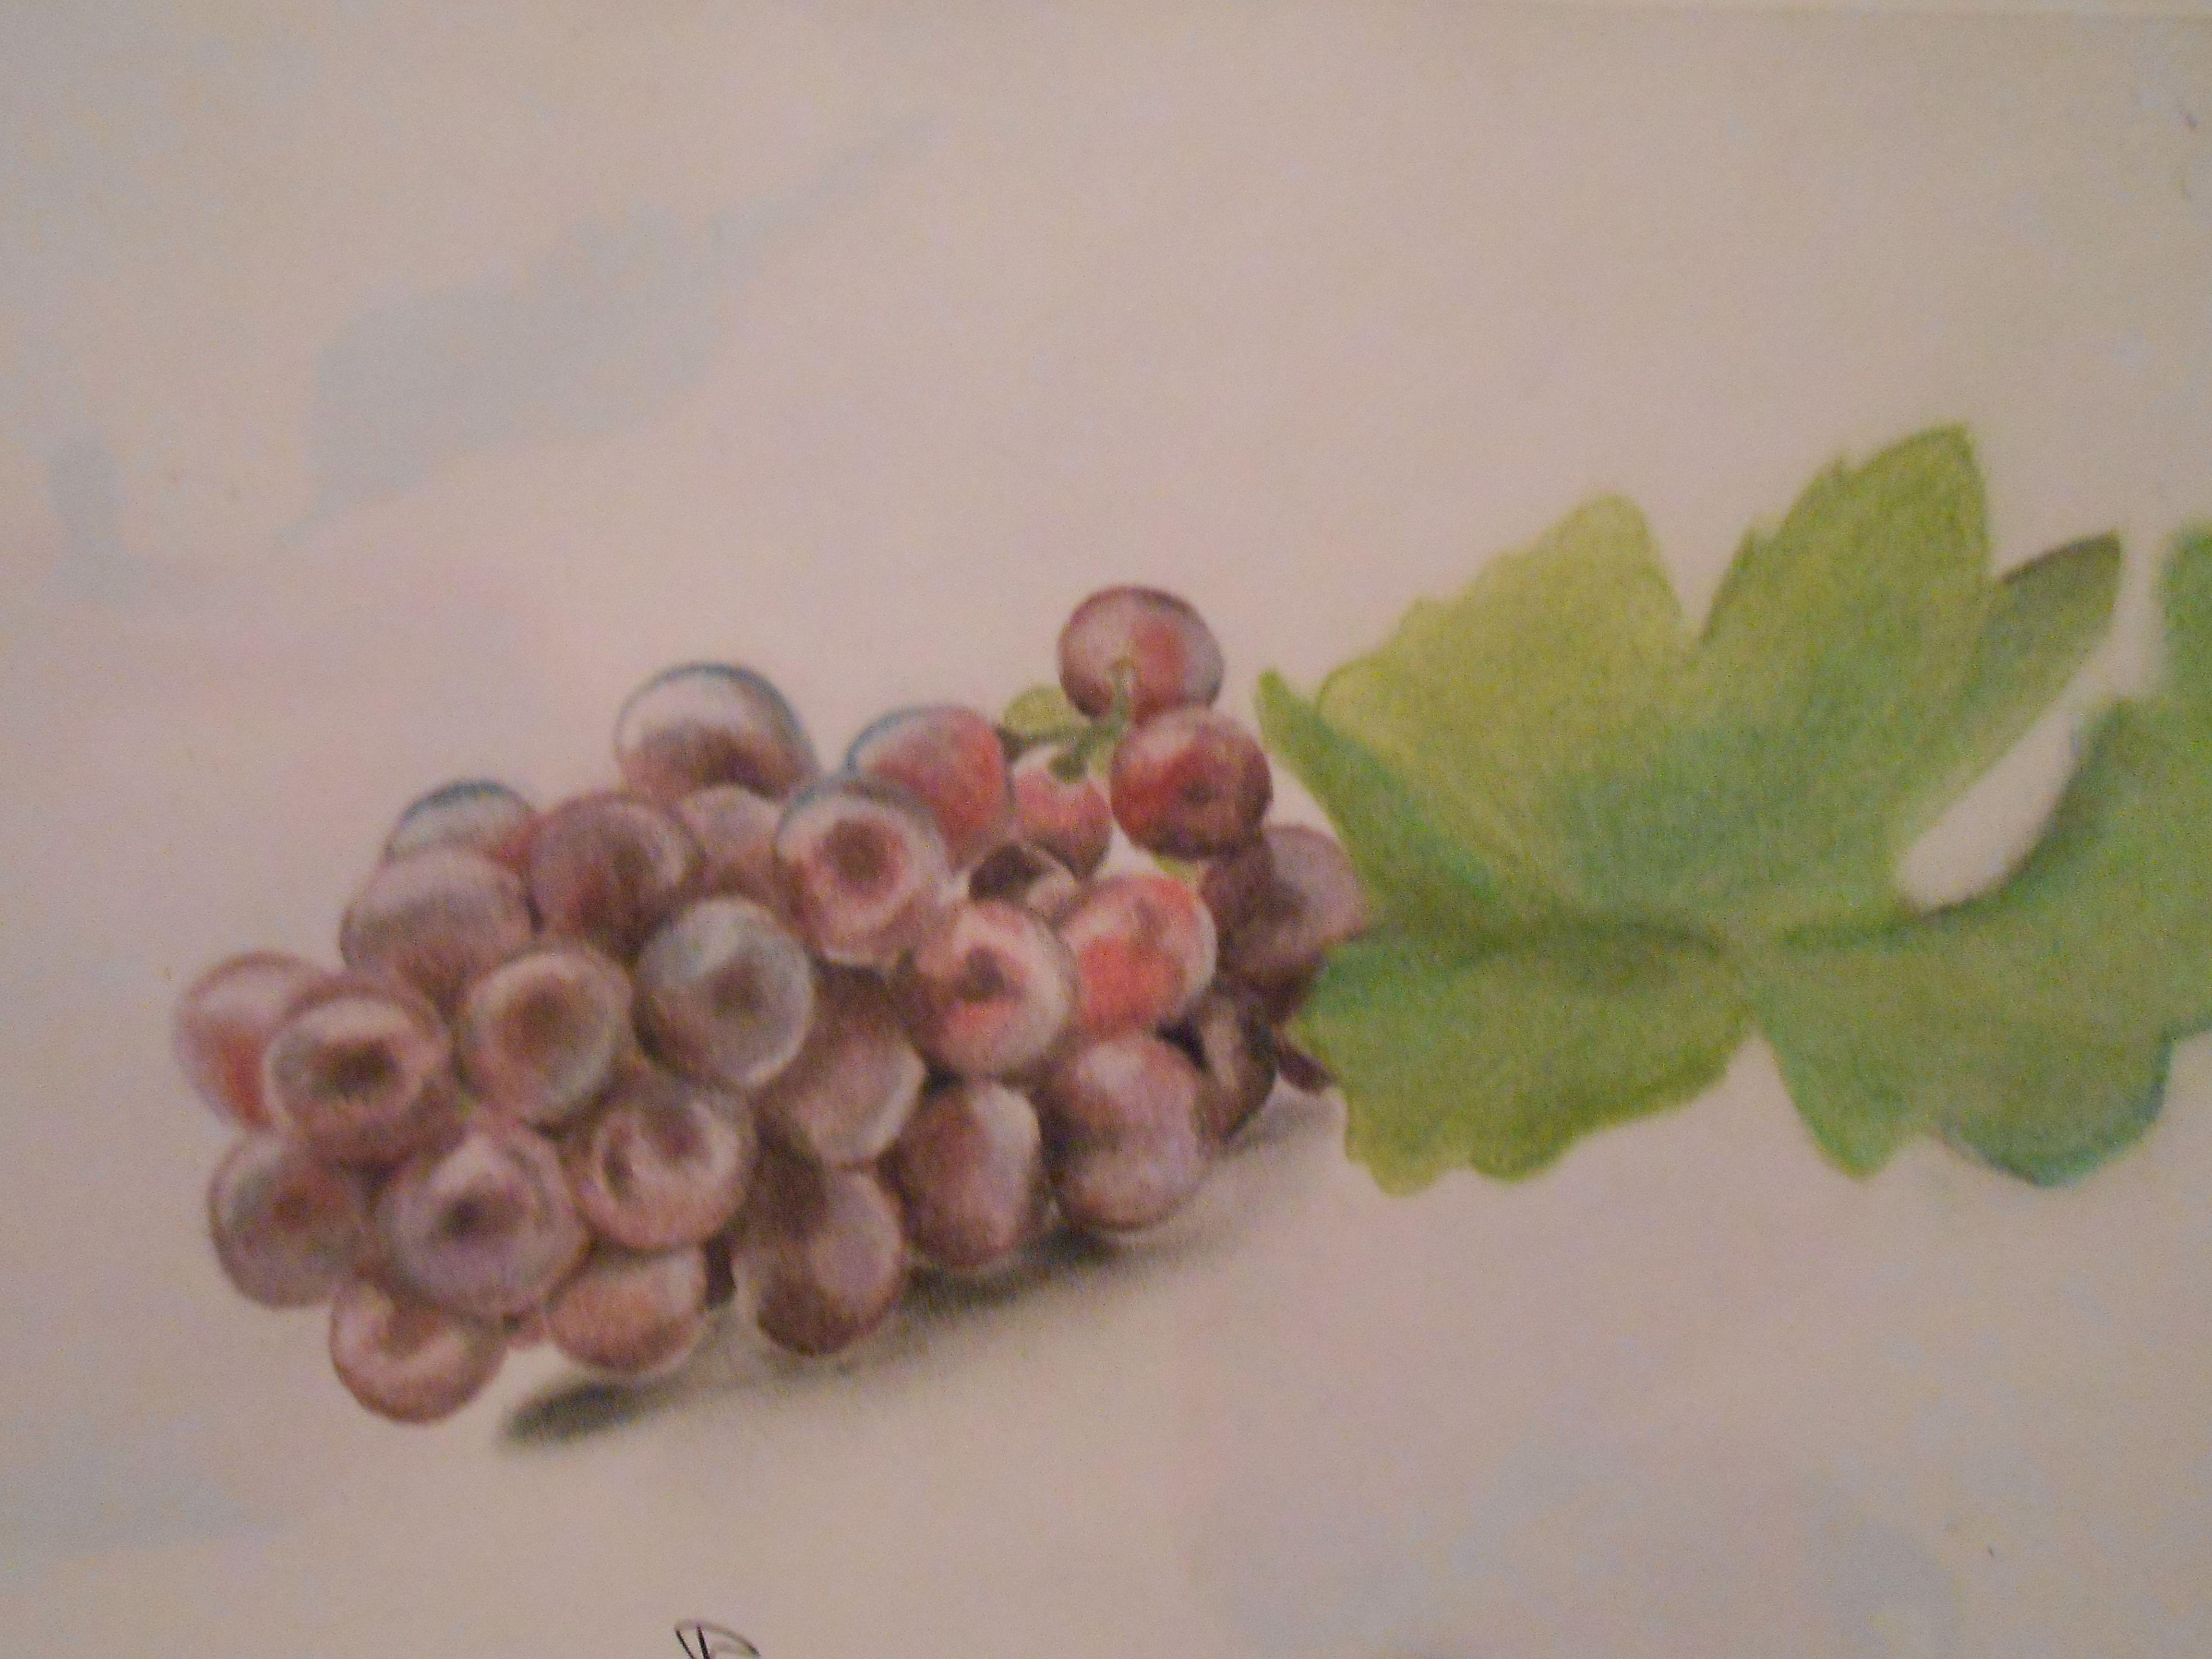 unas uvas con gis pastel :)